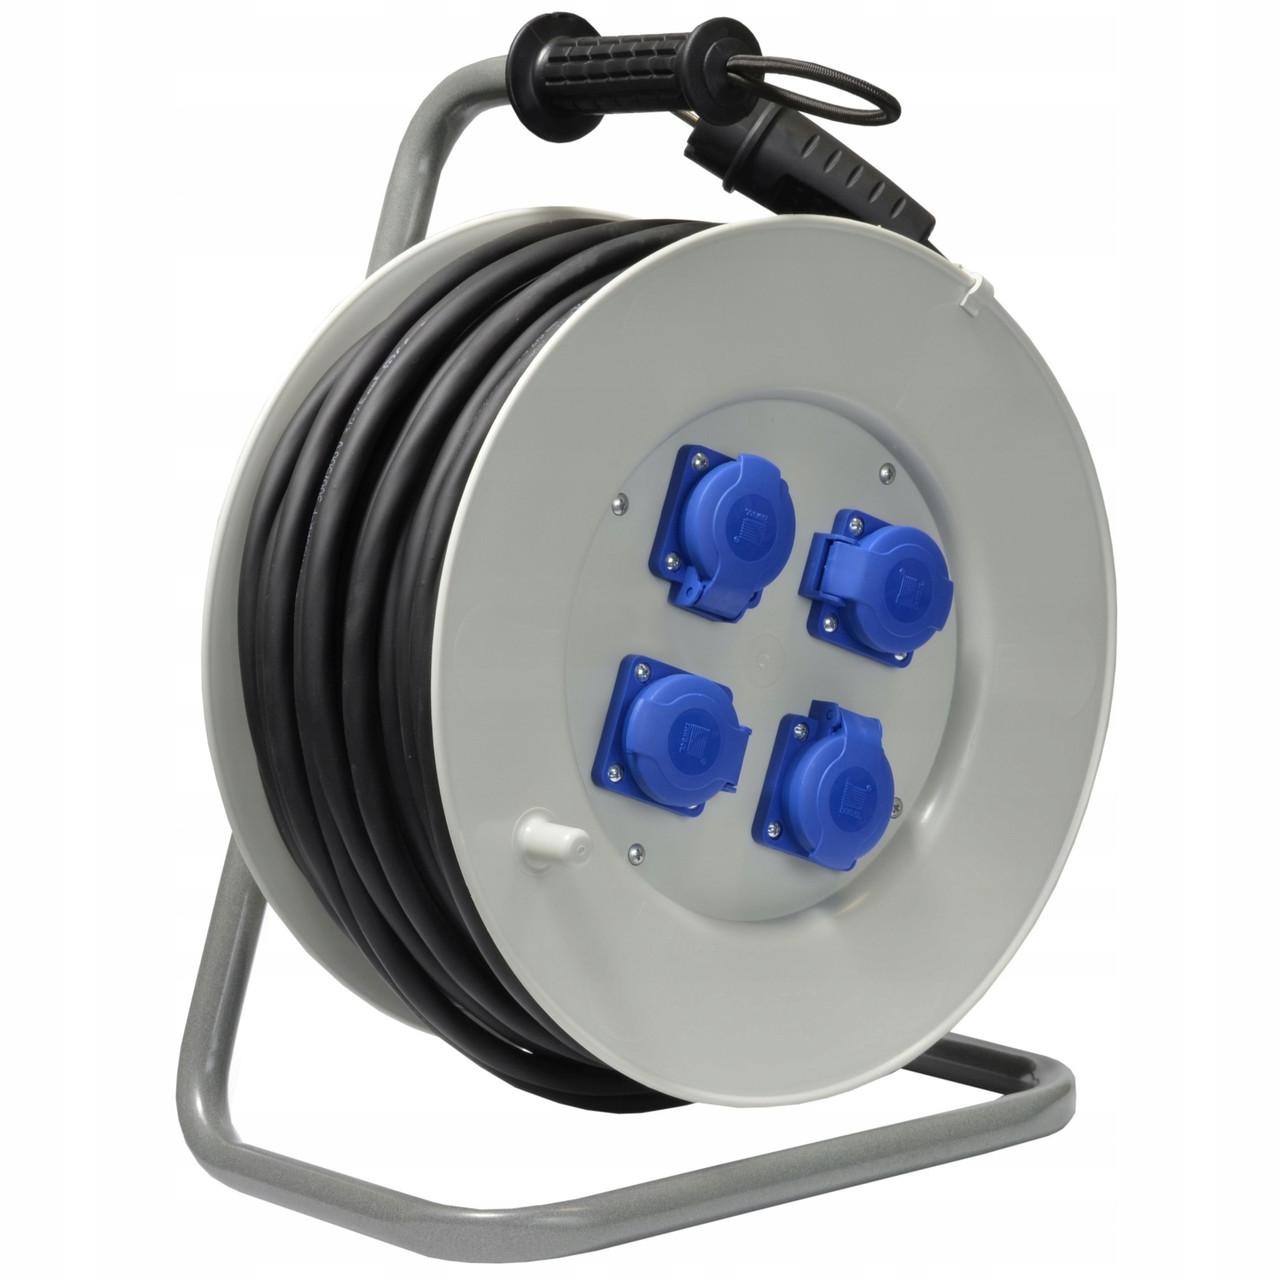 Удлинитель электрический на катушке 4 гнезда 30 м кабель КГНВ 2х2.5 мм²